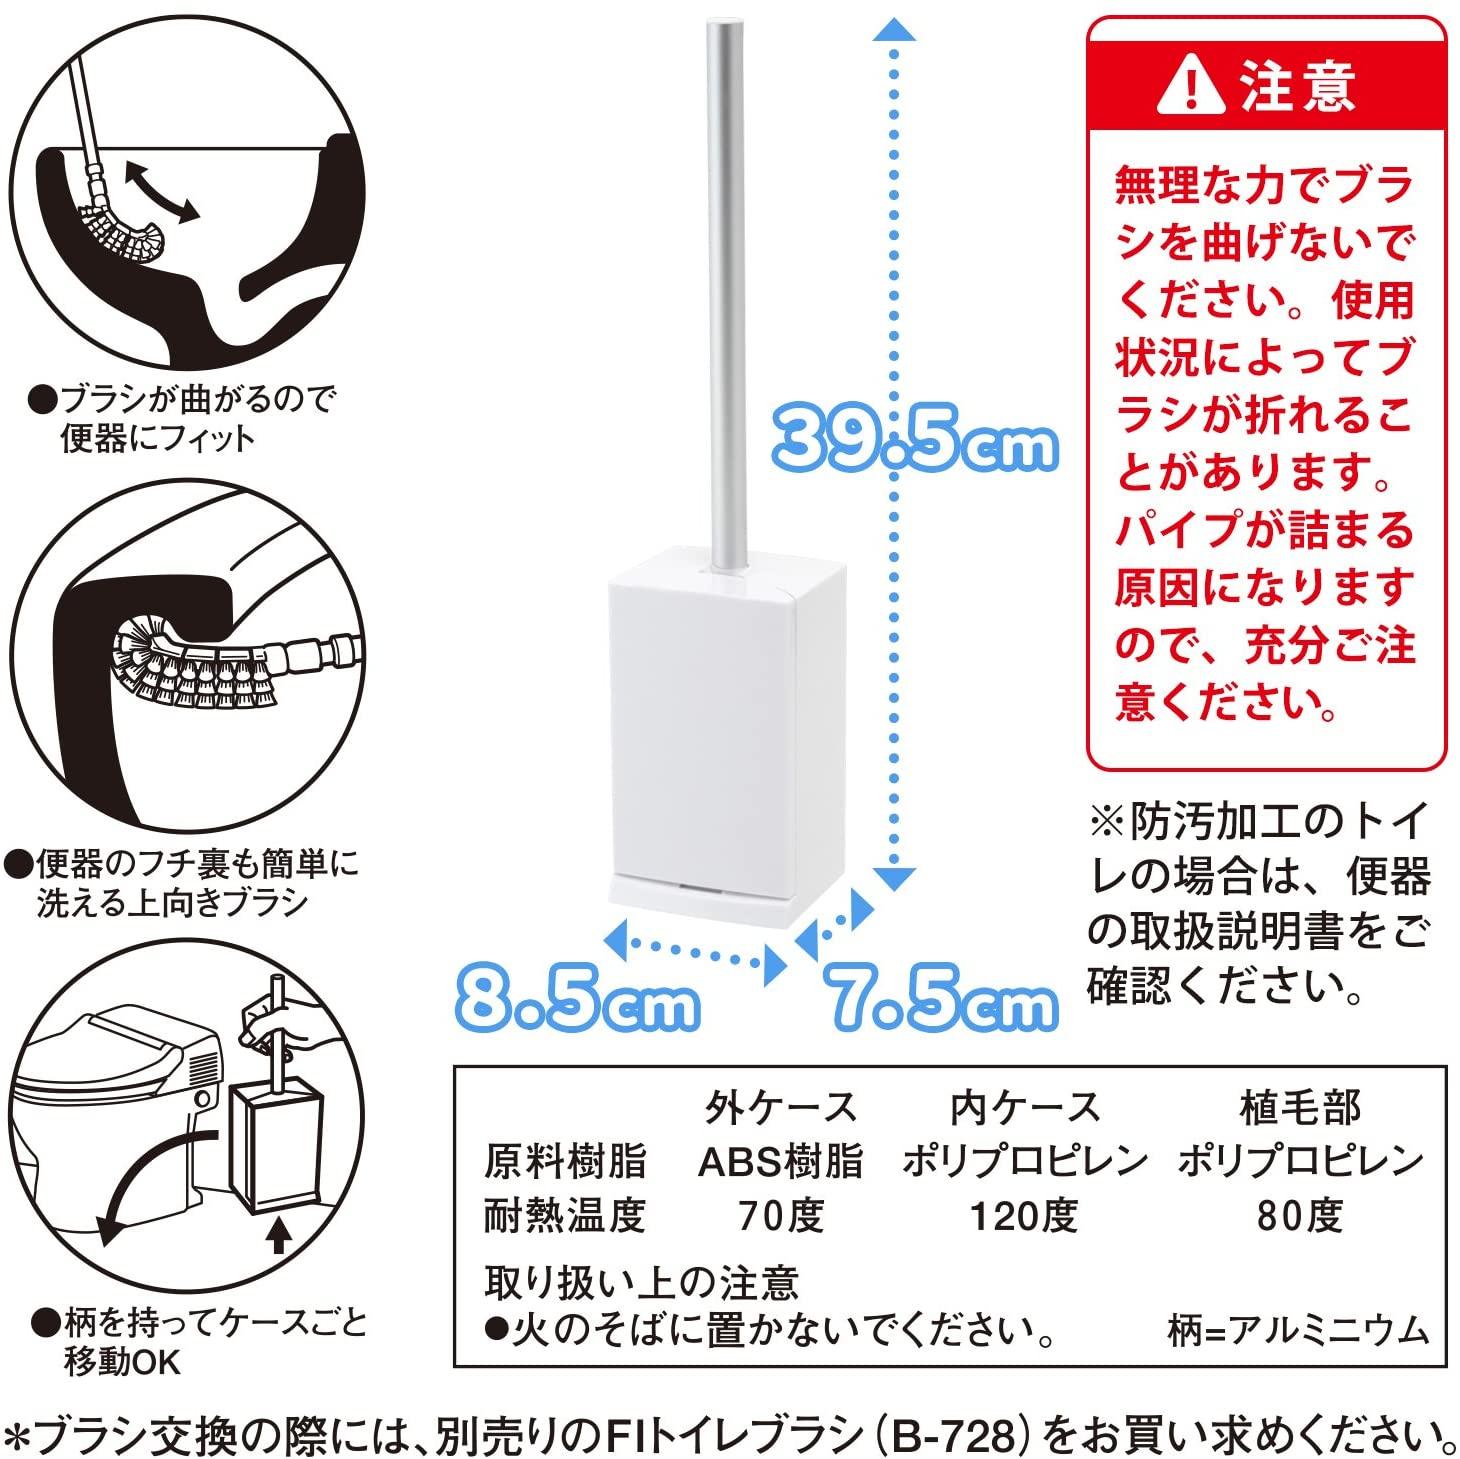 LEC(レック) FINO トイレブラシ ケース付きの商品画像4